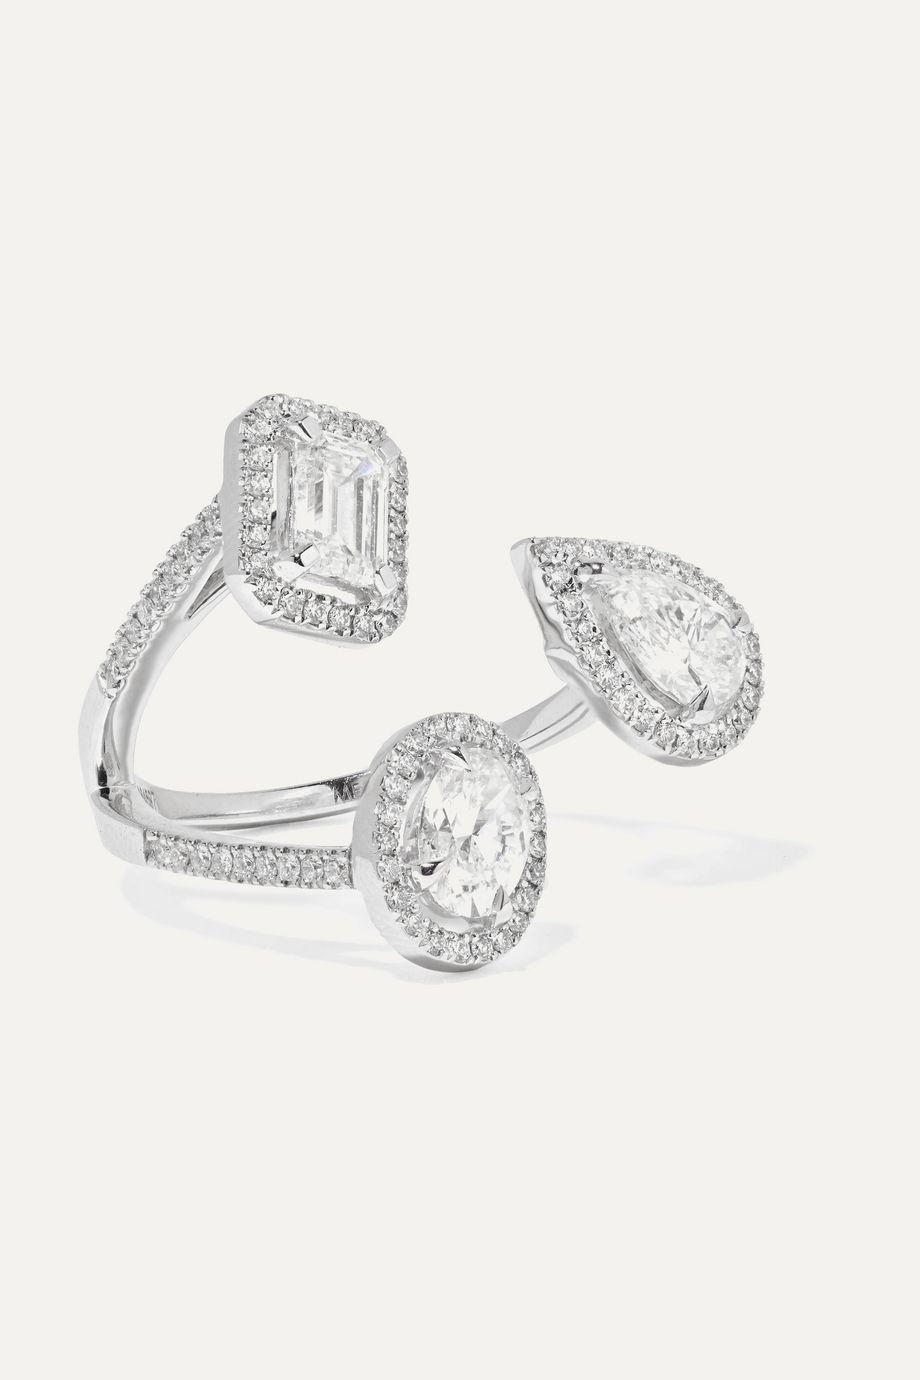 Messika My Twin Trilogy 18-karat white gold diamond ring